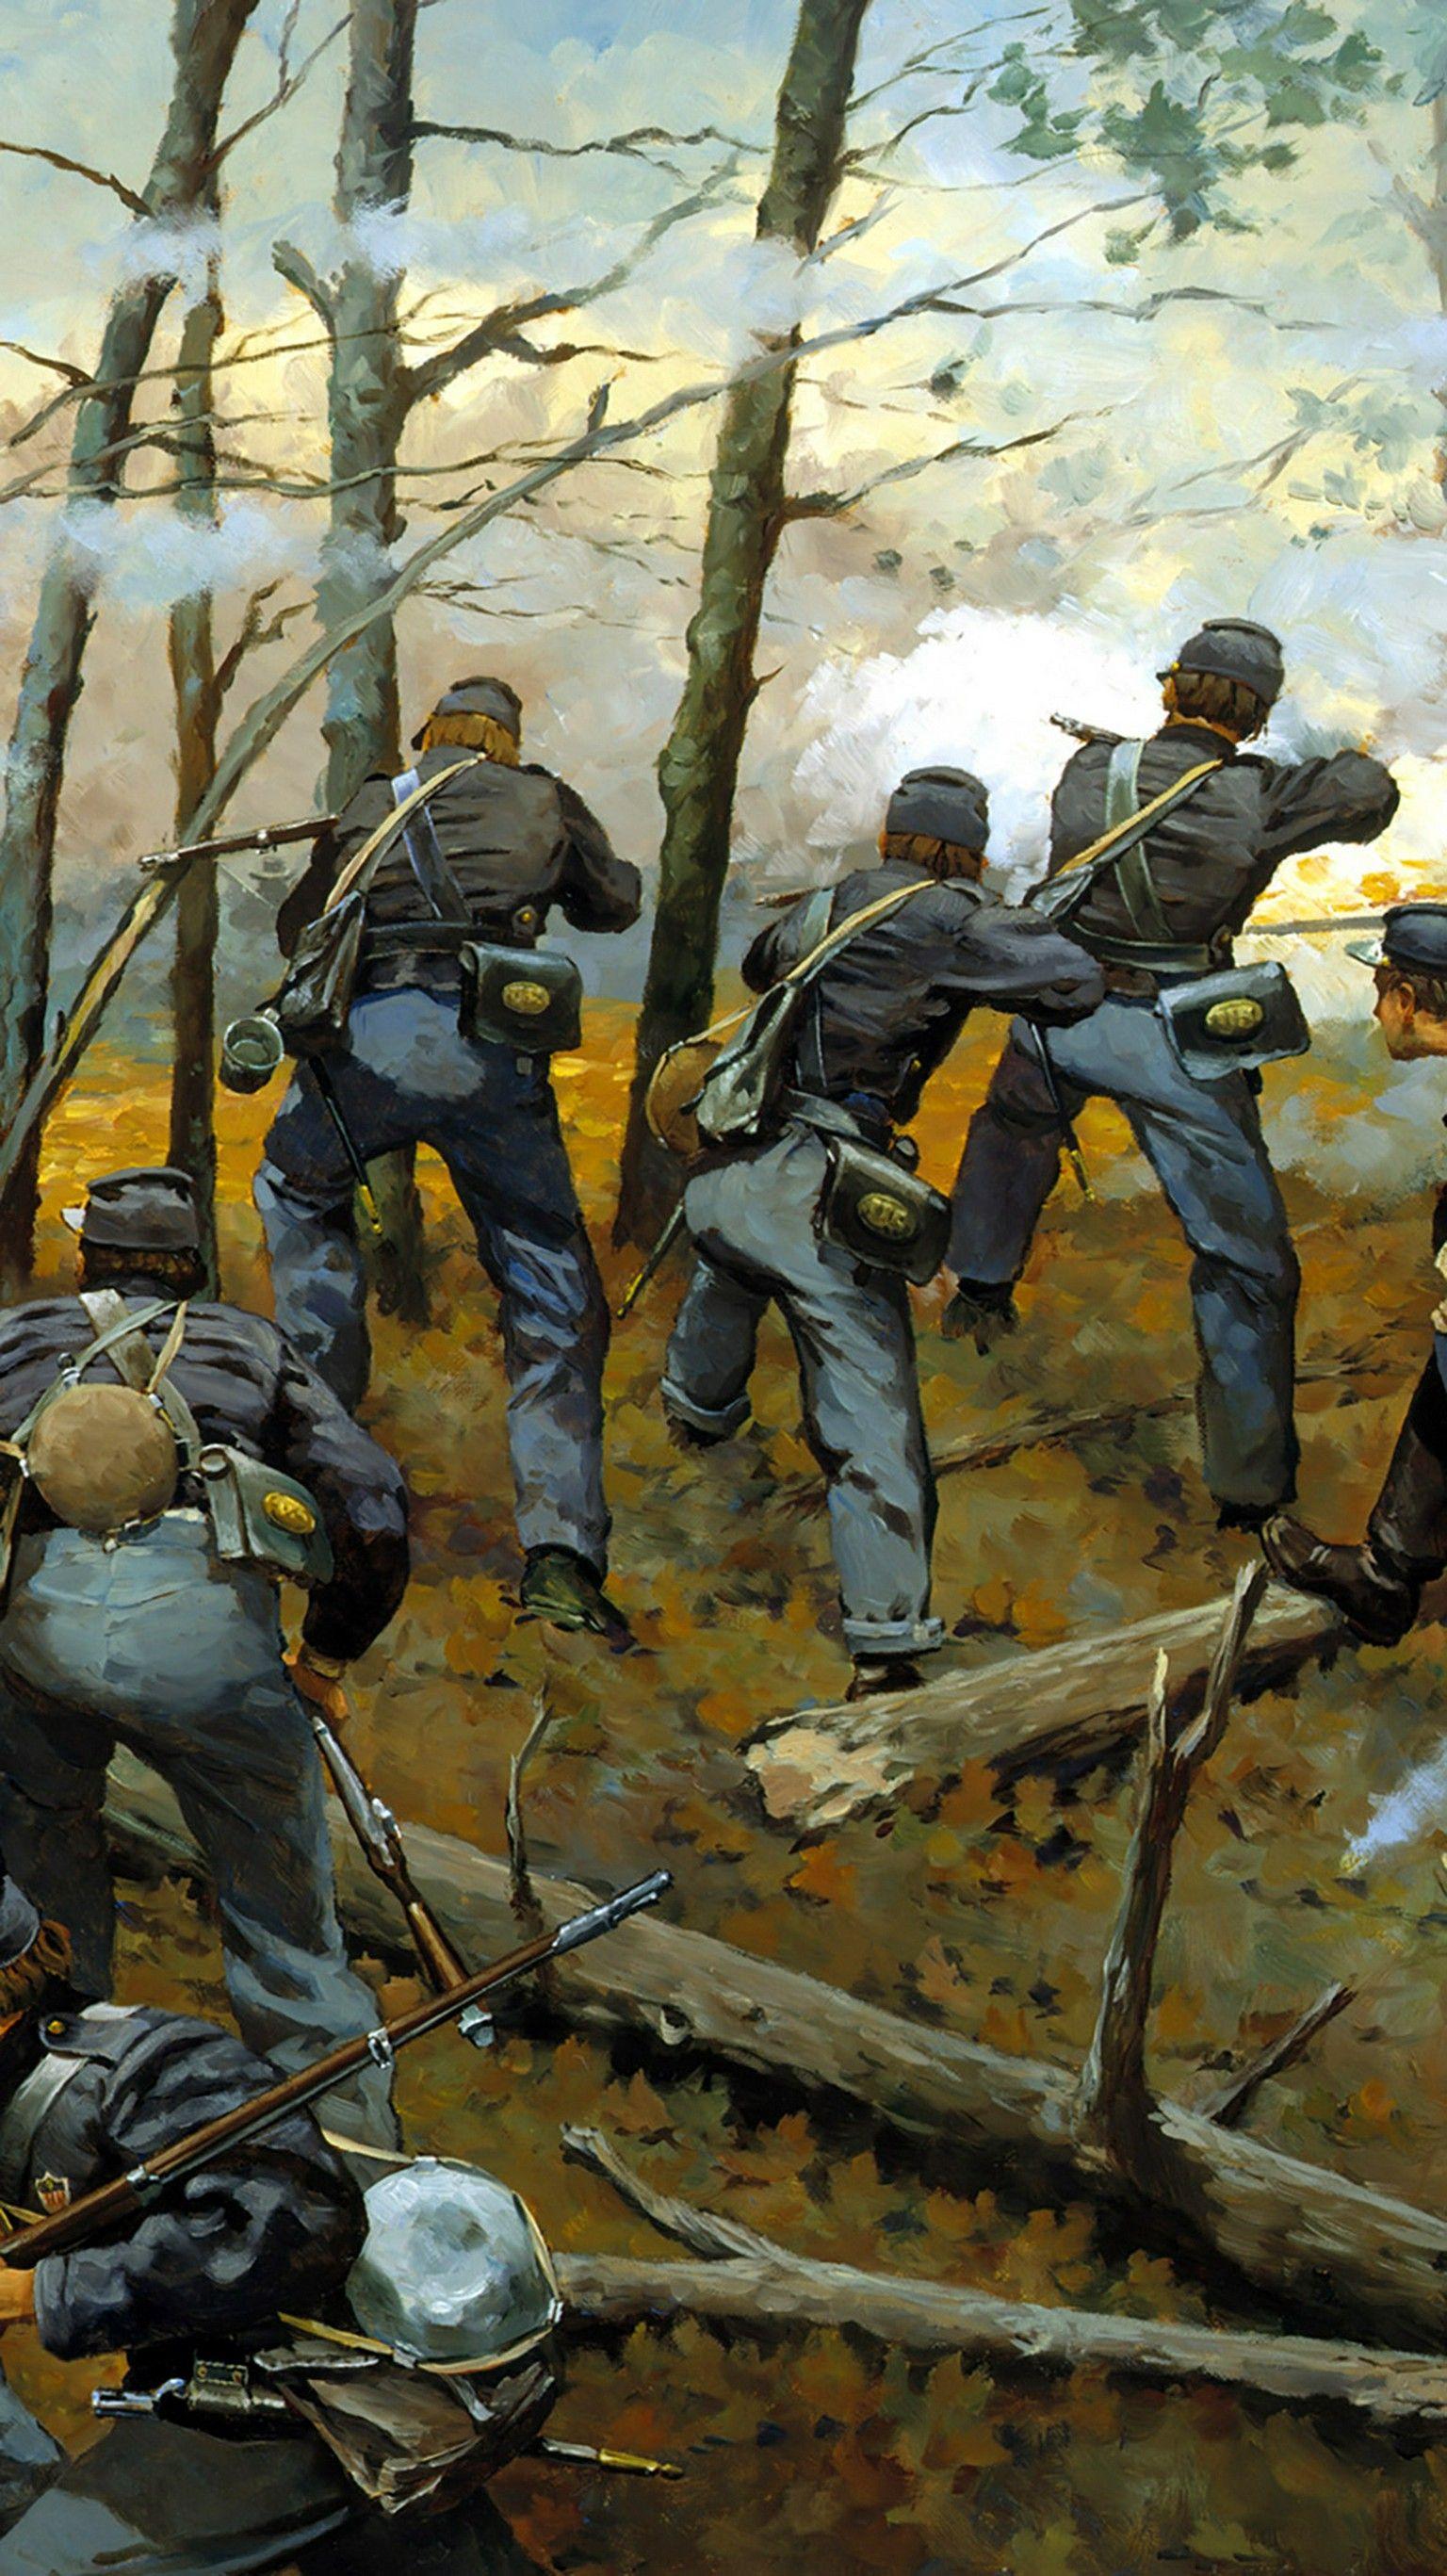 765 best images about Civil War Battle Art - North & South